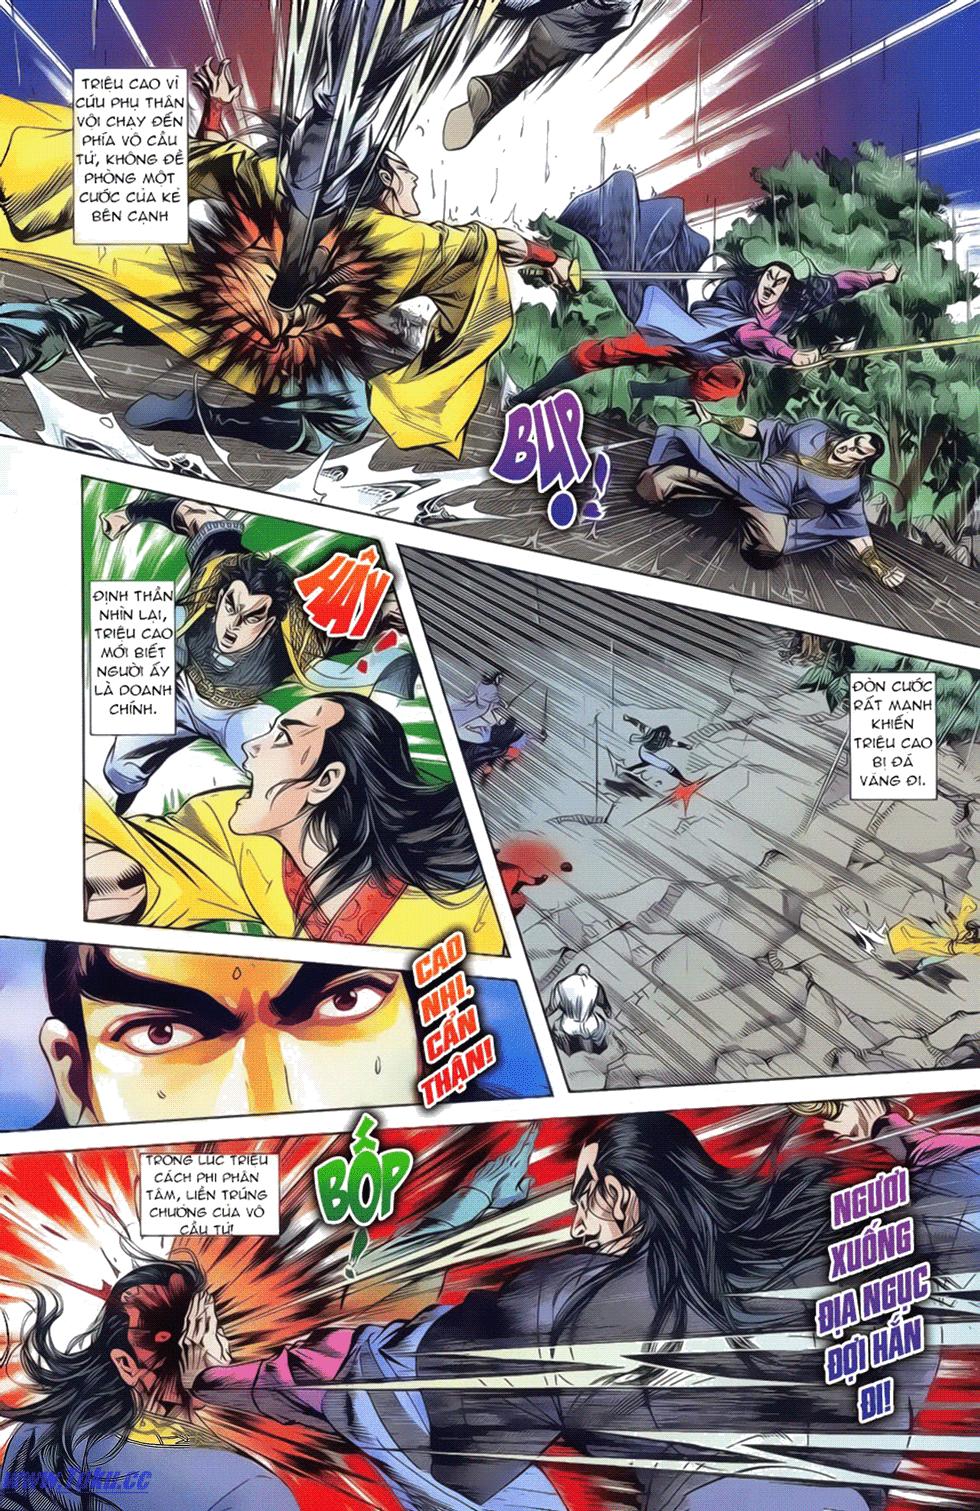 Tần Vương Doanh Chính chapter 18 trang 4